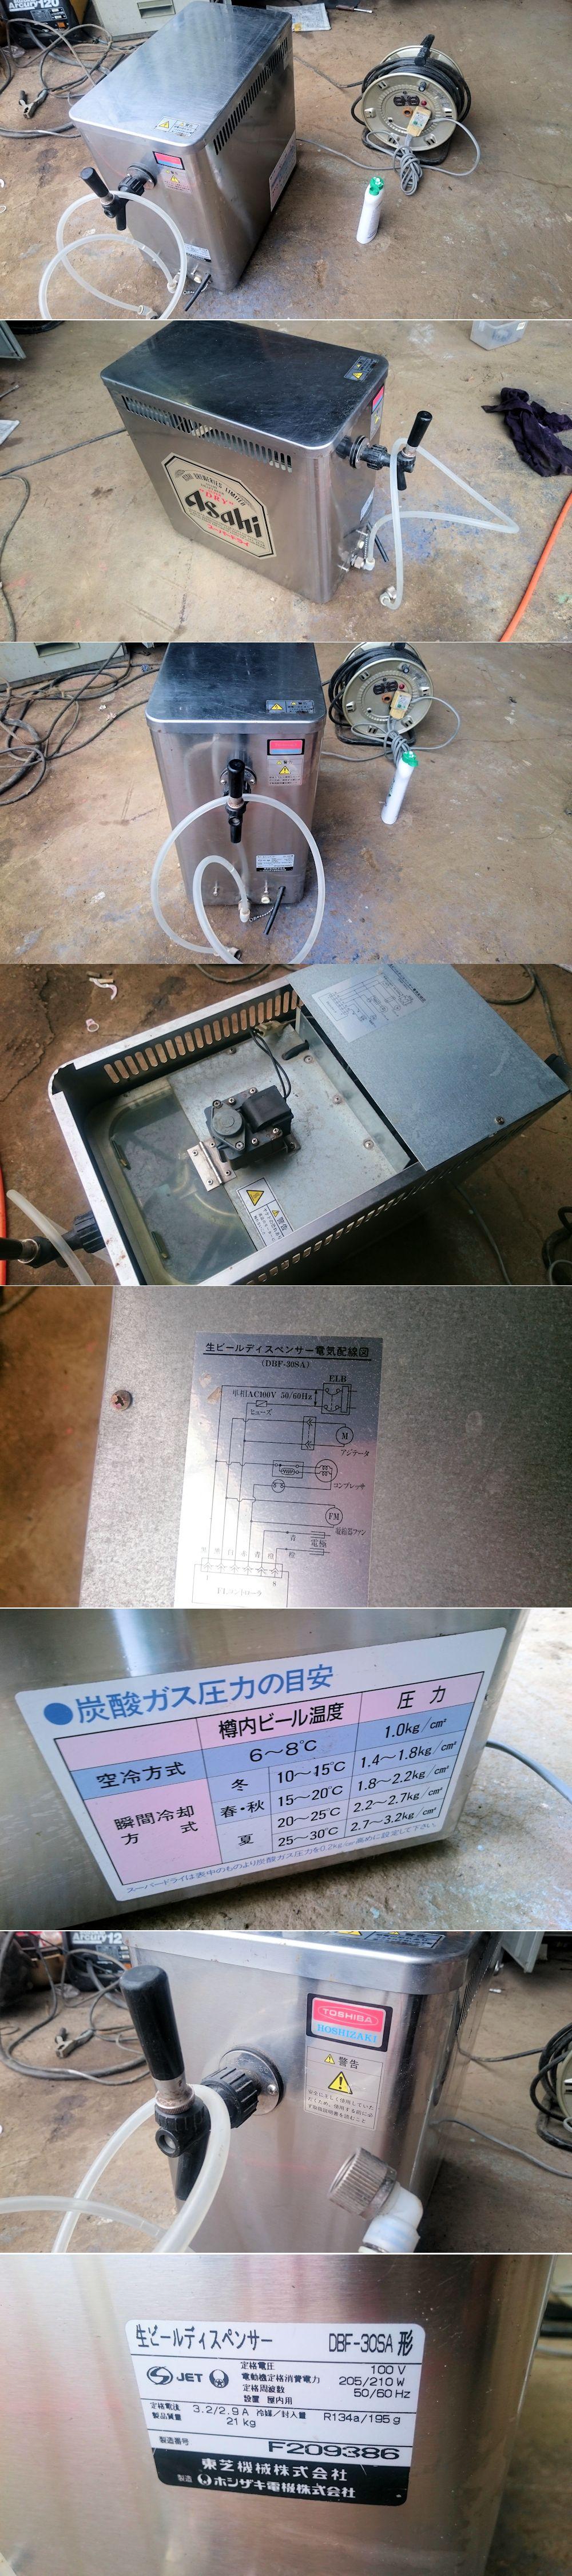 ホシザキ 生ビール ディスペンサー ビアサーバー DBF-30SA形 50/60hz 現状 中古